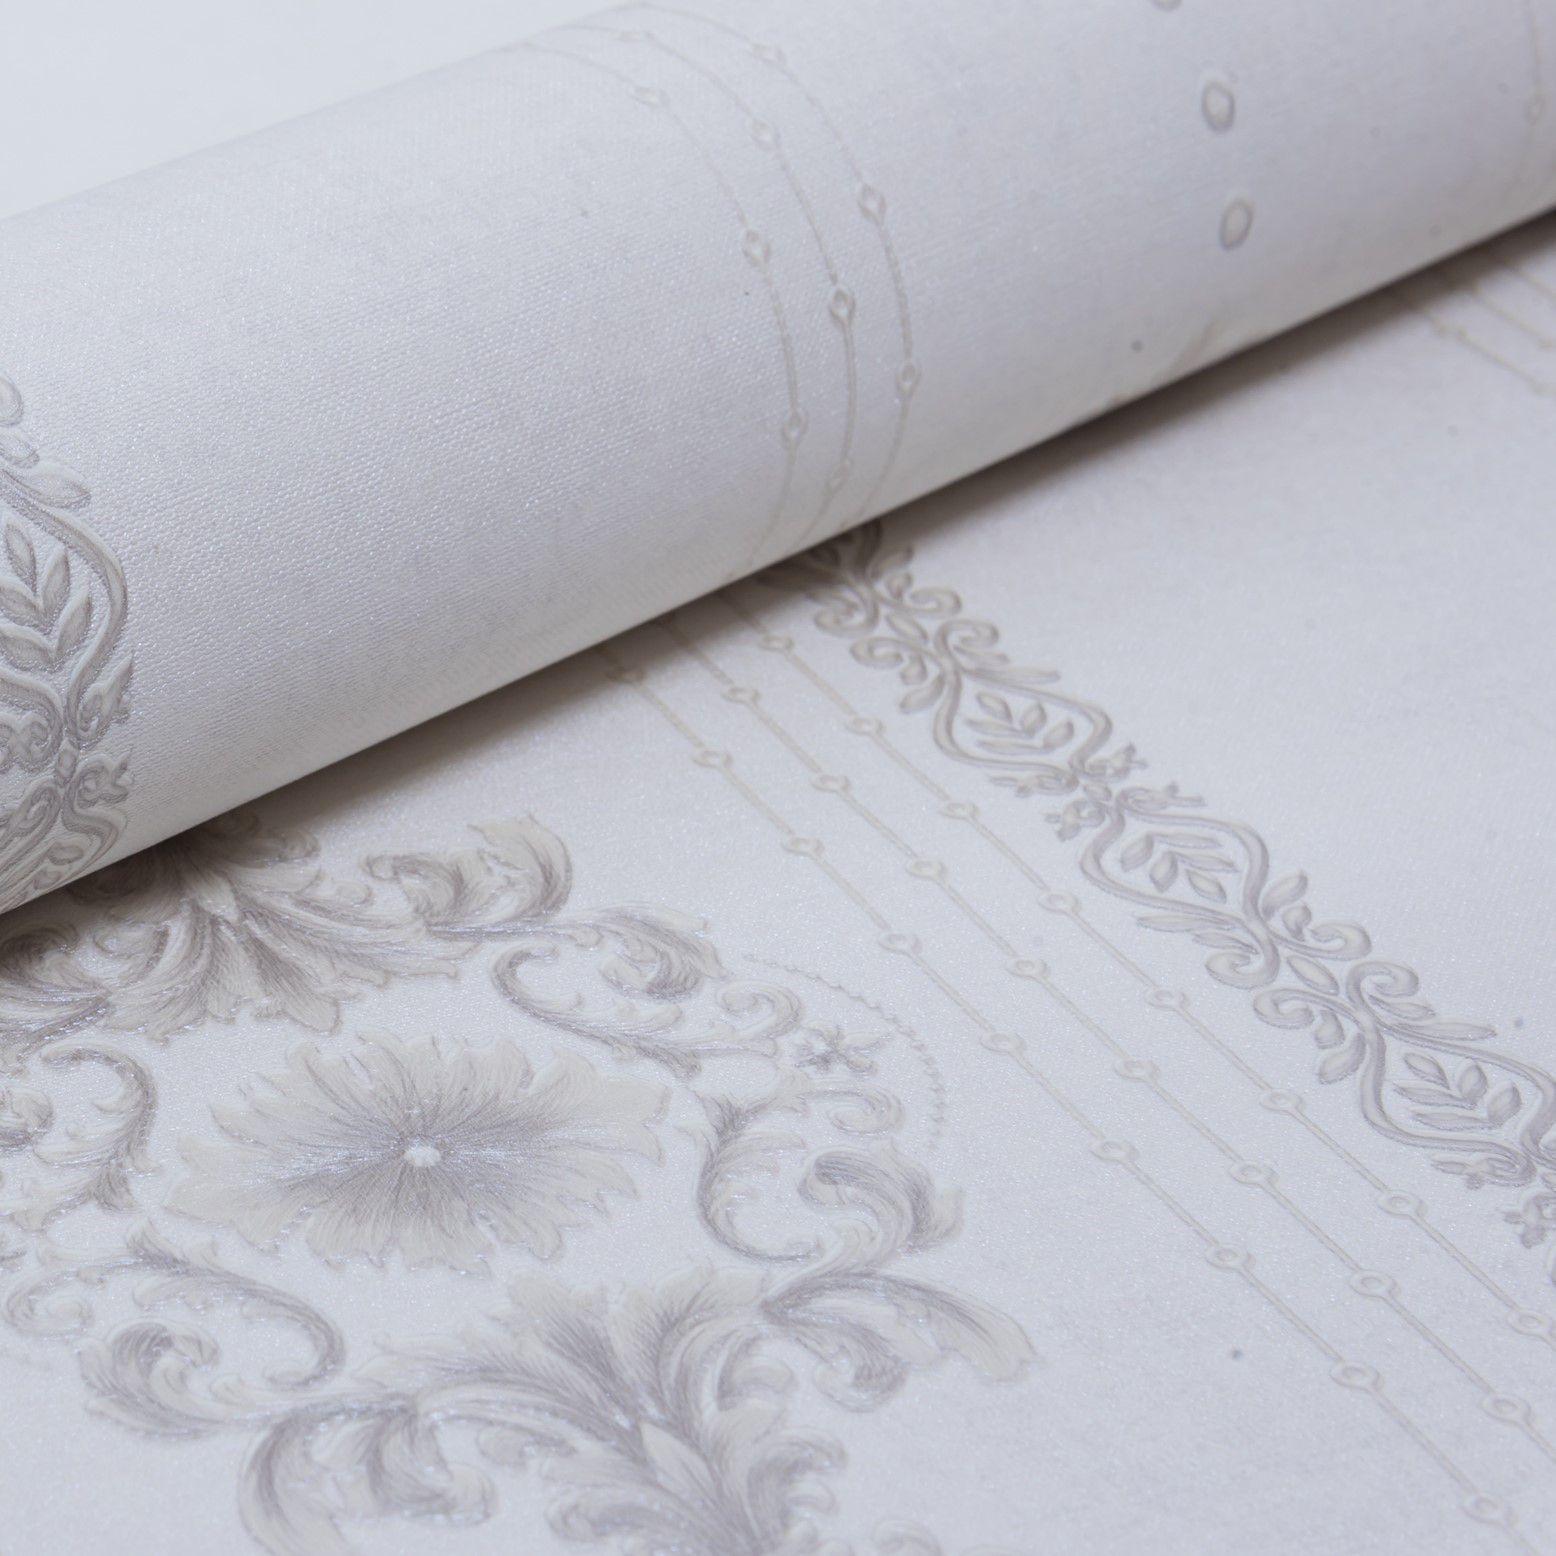 Papel de Parede Paris Decor Vinílico Coleção Colmar  Damask Branco, Cinza